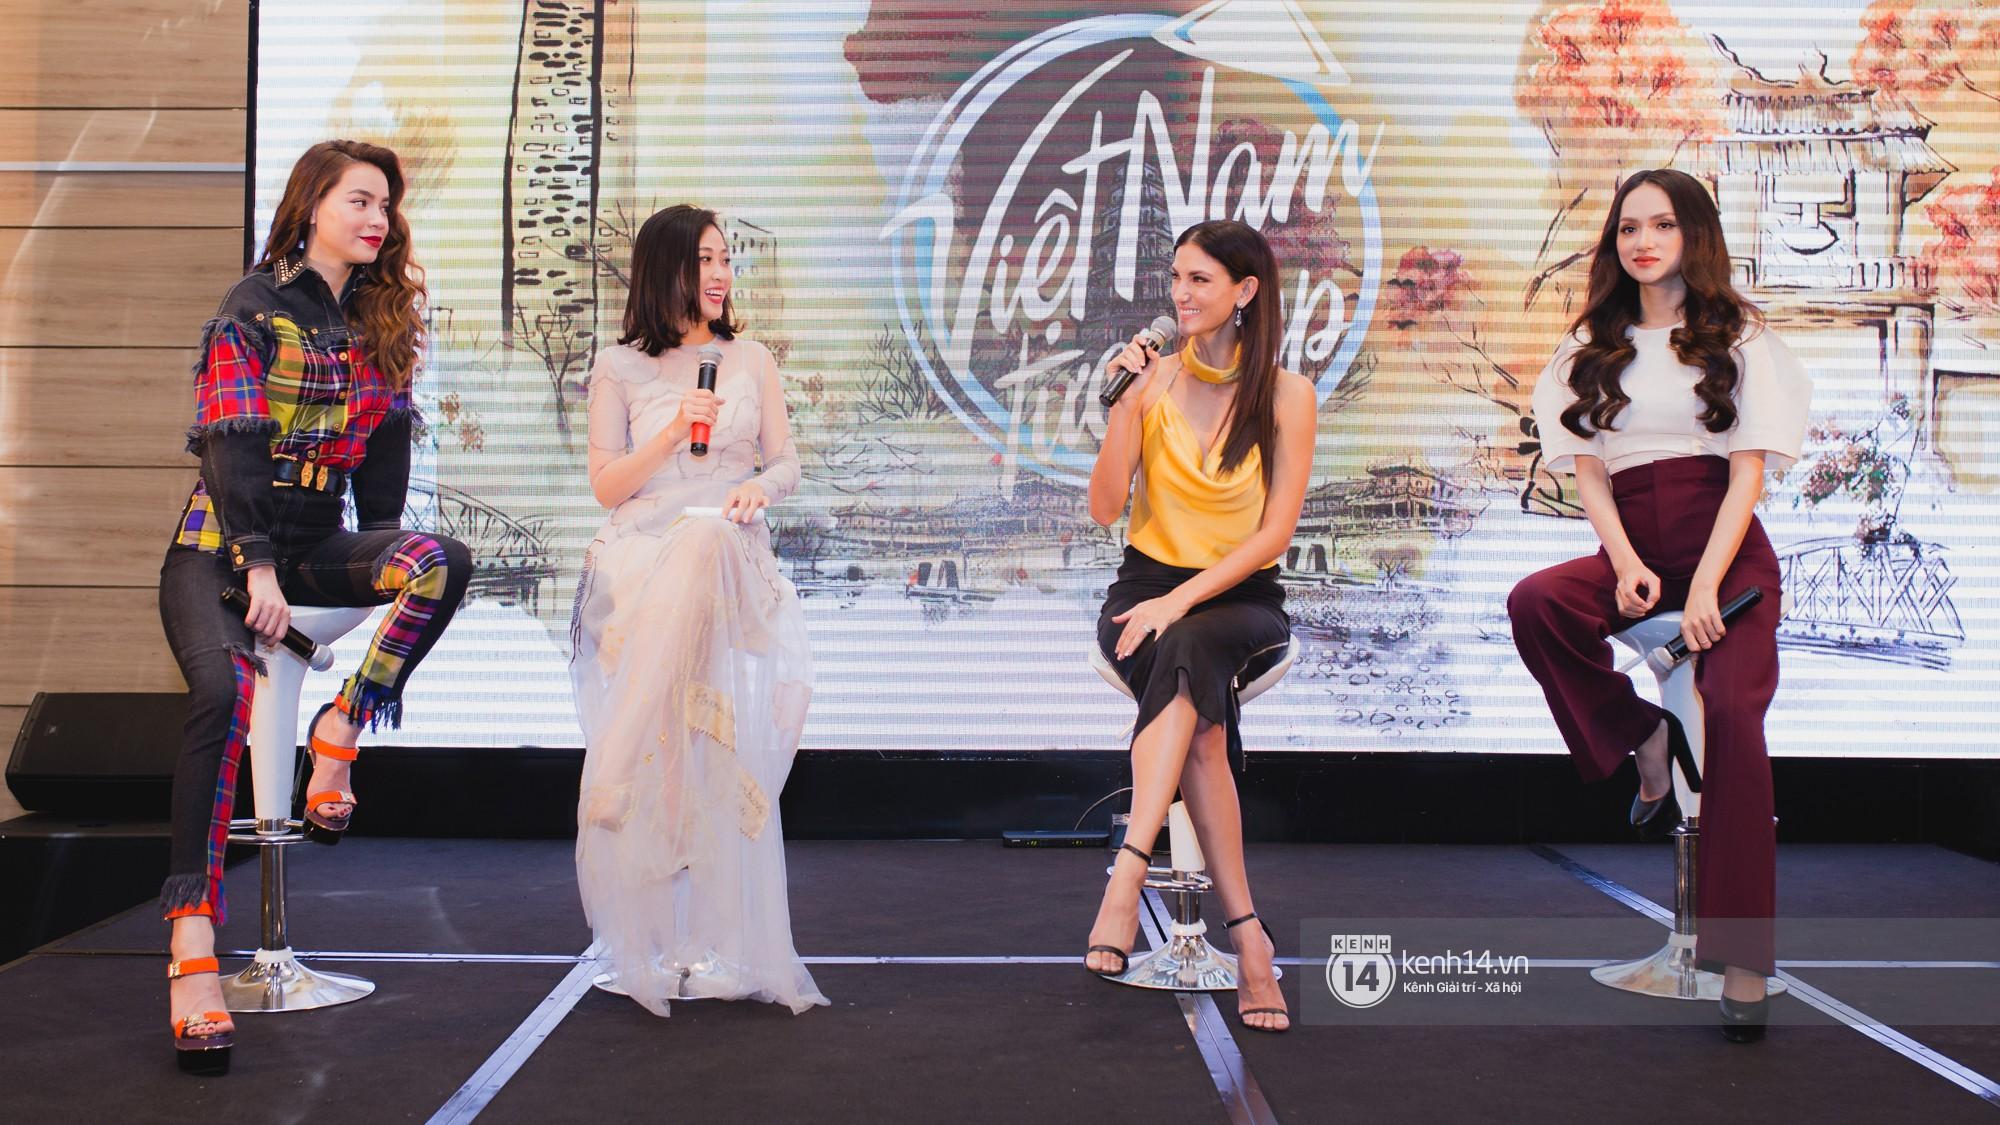 Chị Đại của Next Top châu Á - Cindy Bishop ghi hình show thực tế cùng Hồ Ngọc Hà, Hương Giang - Ảnh 1.